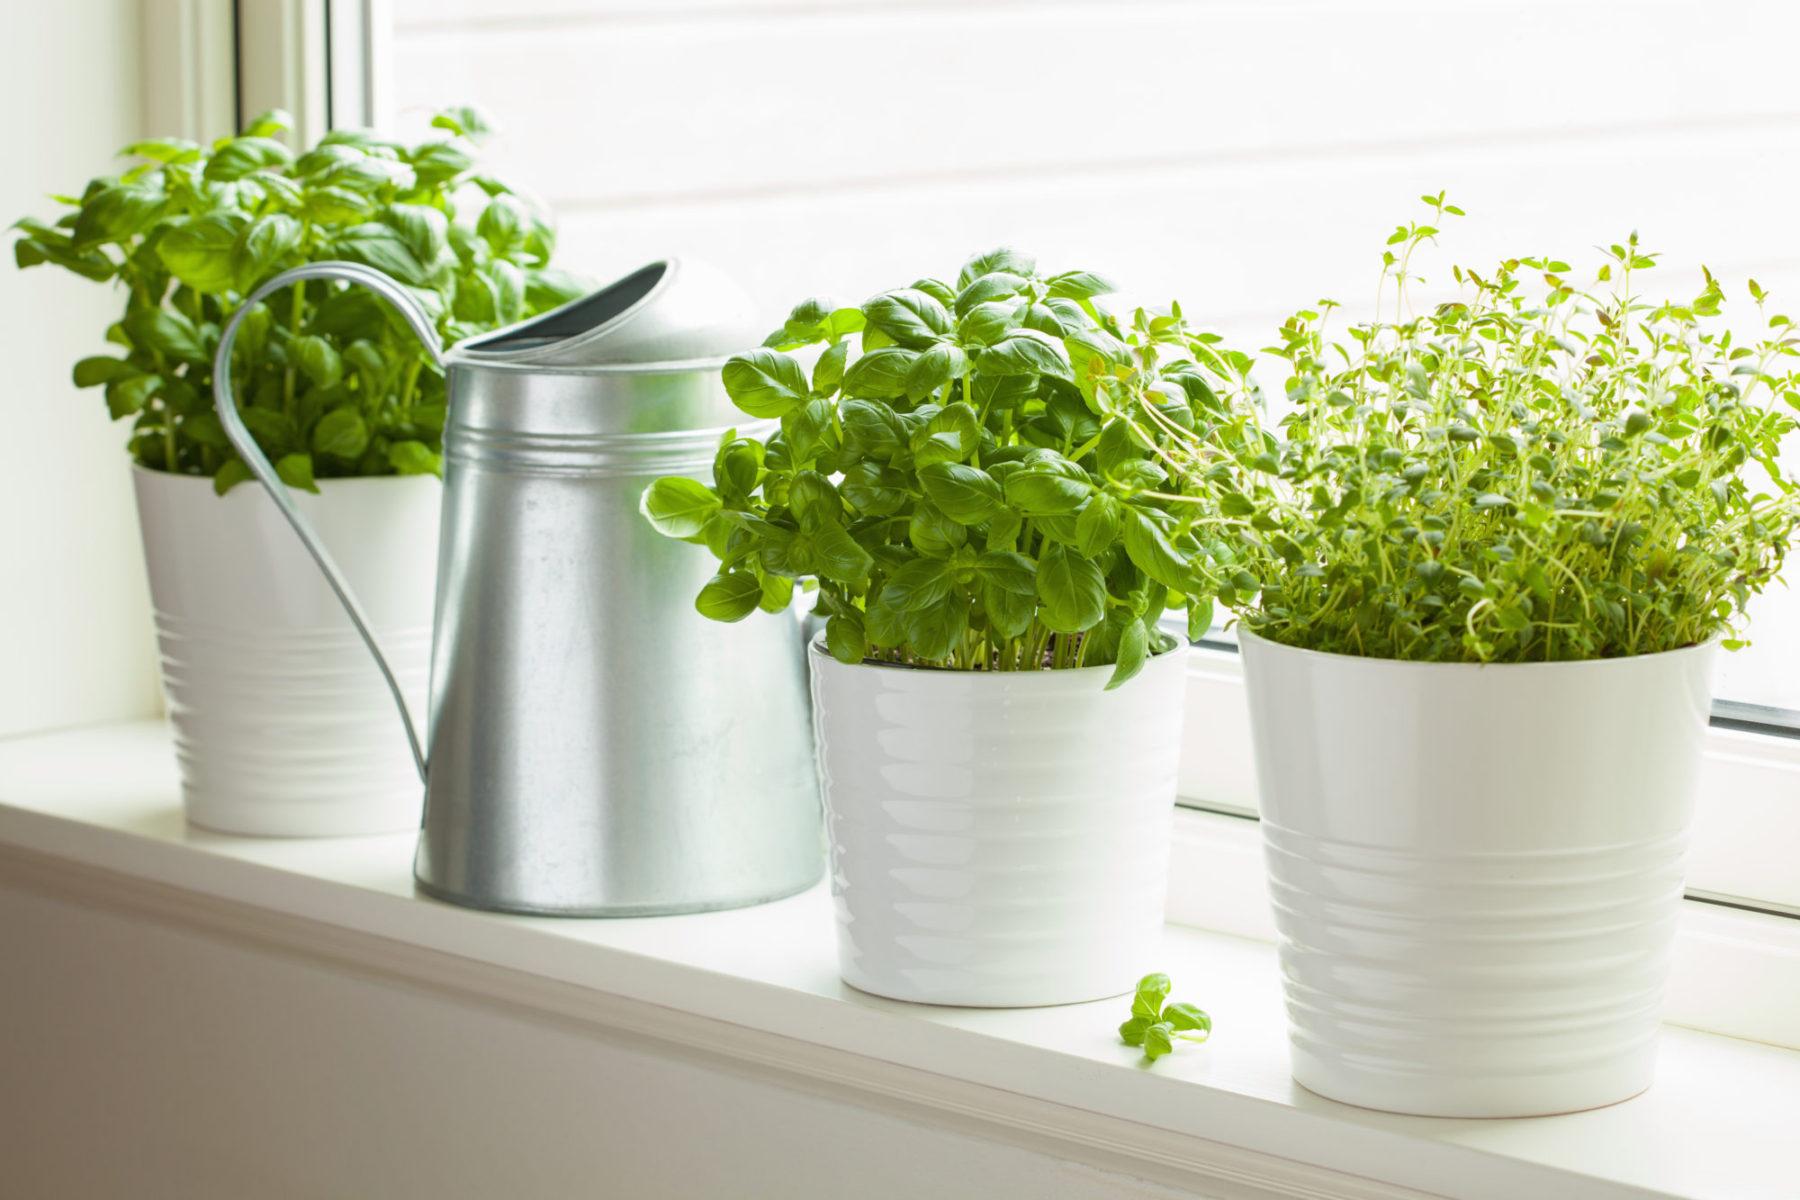 Bylinky v kuchyni pro útulný domov